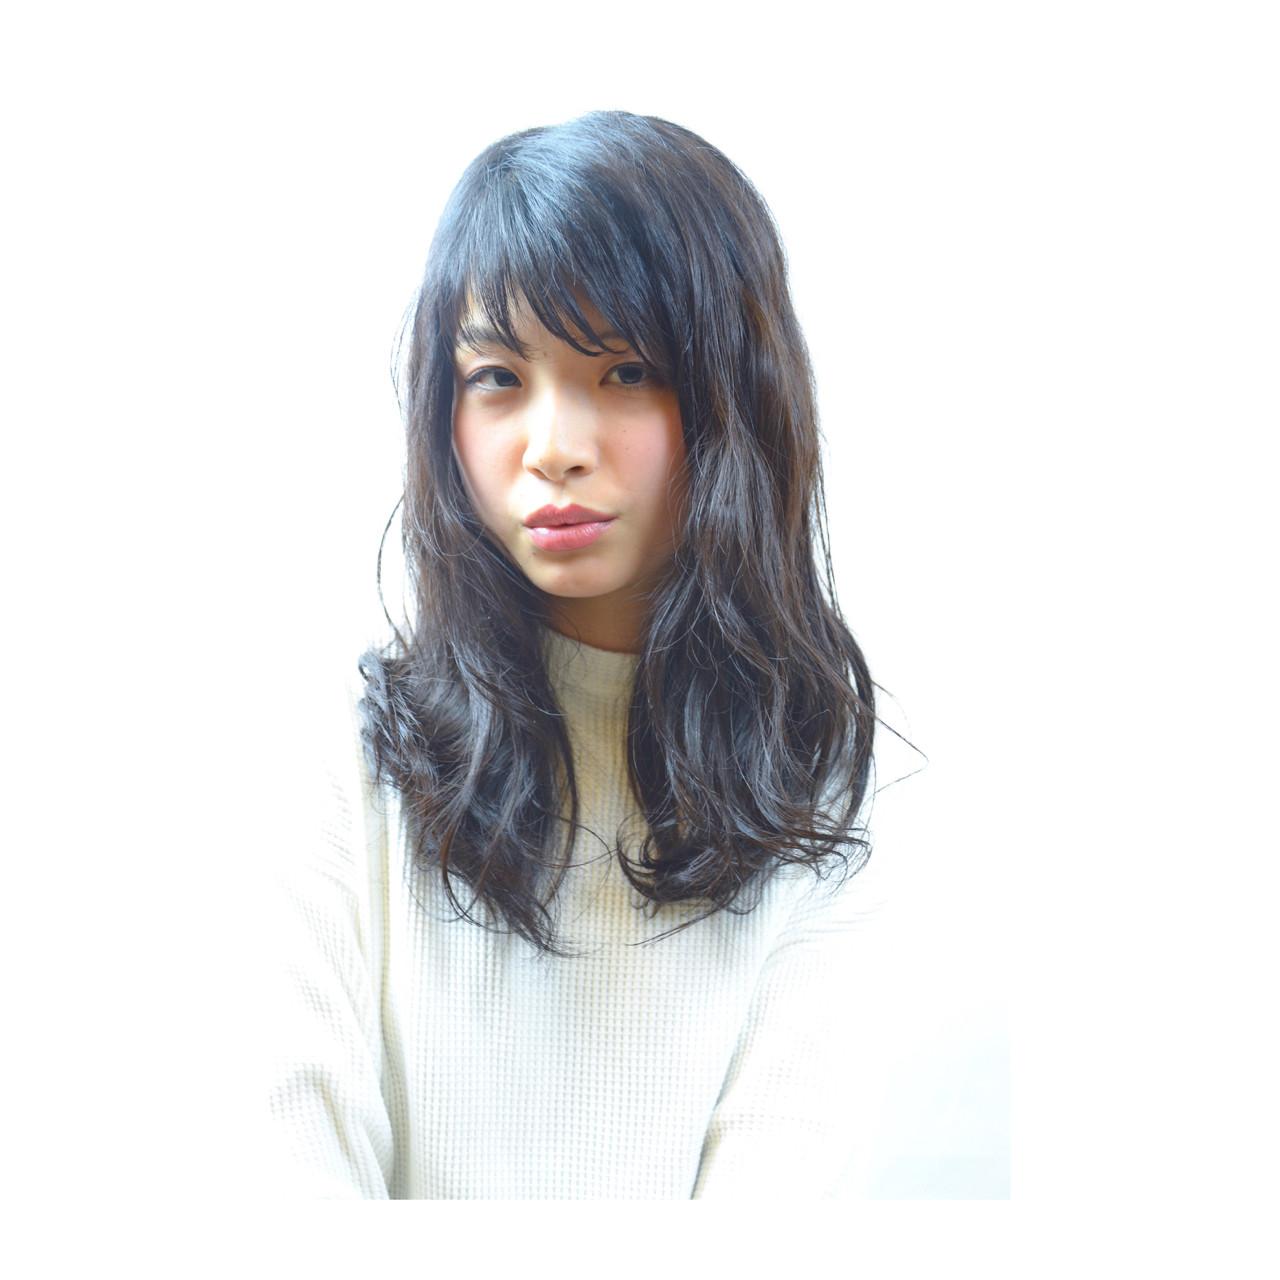 ナチュラル セミロング 大人女子 黒髪 ヘアスタイルや髪型の写真・画像